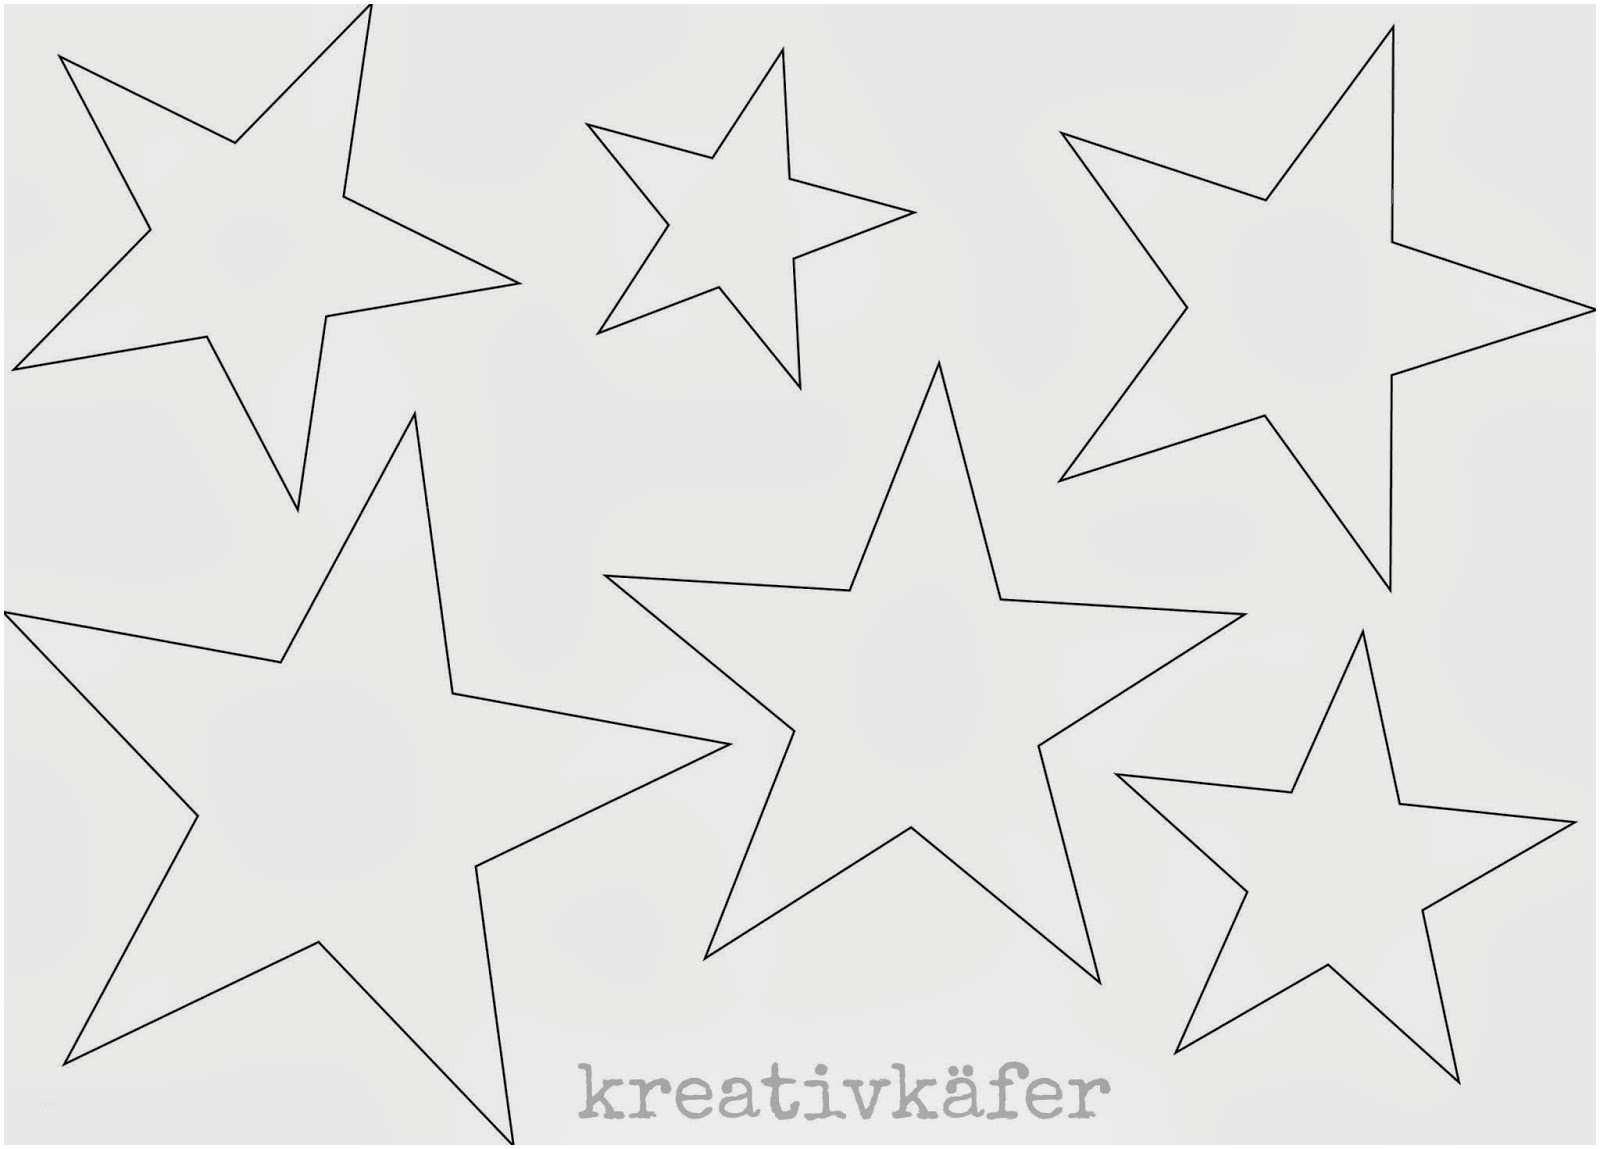 Sternschnuppe Vorlage Zum Ausdrucken Einzigartig Malvorlagen 3d Neu 3d Stern Gratis Ausmalbild – Malvorlagen Galerie Das Bild